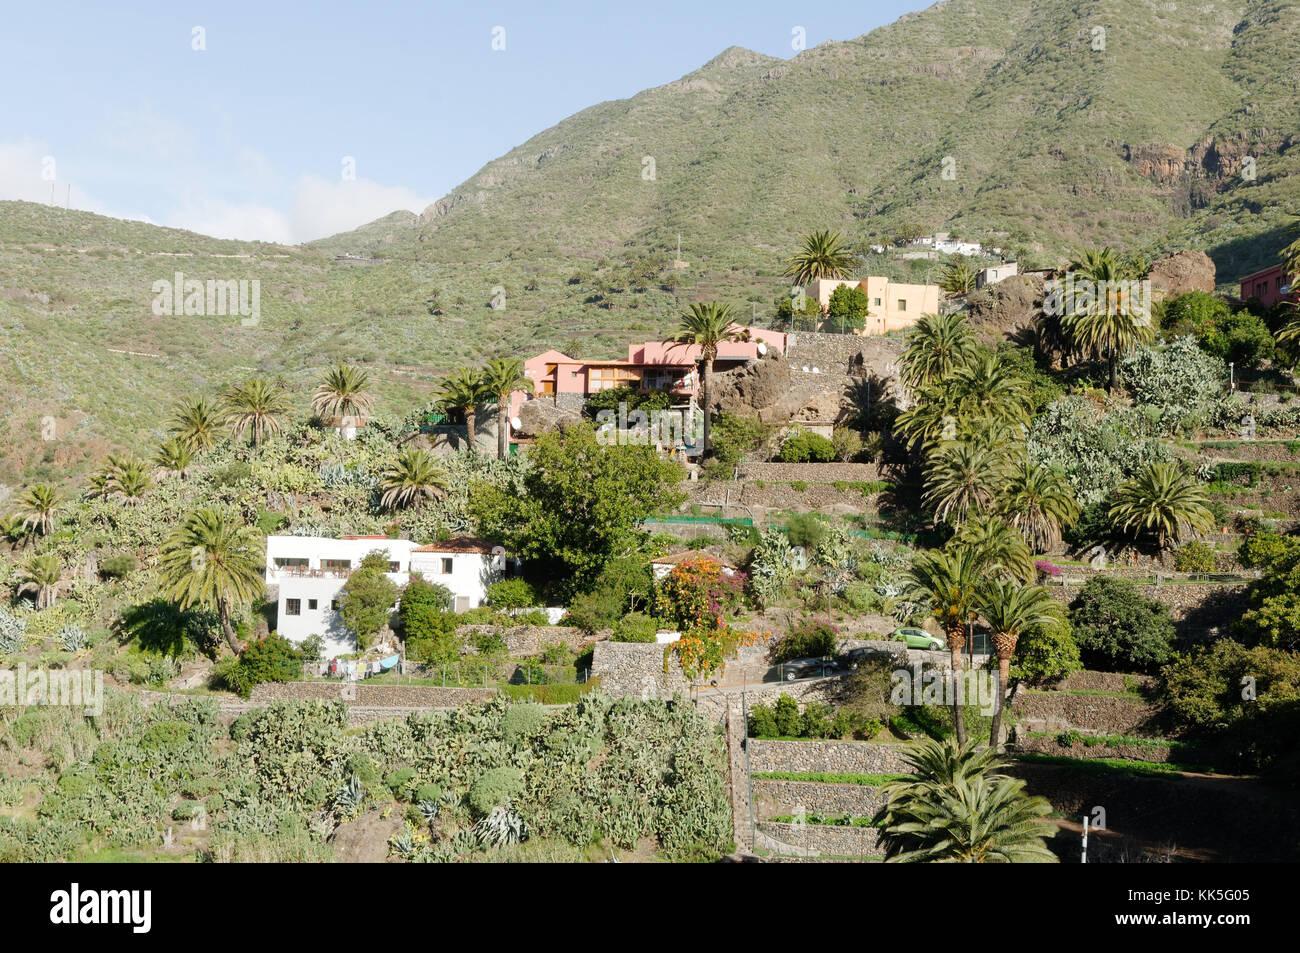 Masca den Berg Macizo de Teno Gebirge Teneriffa Kanarische Inseln Kanaren ländlichen Stockbild